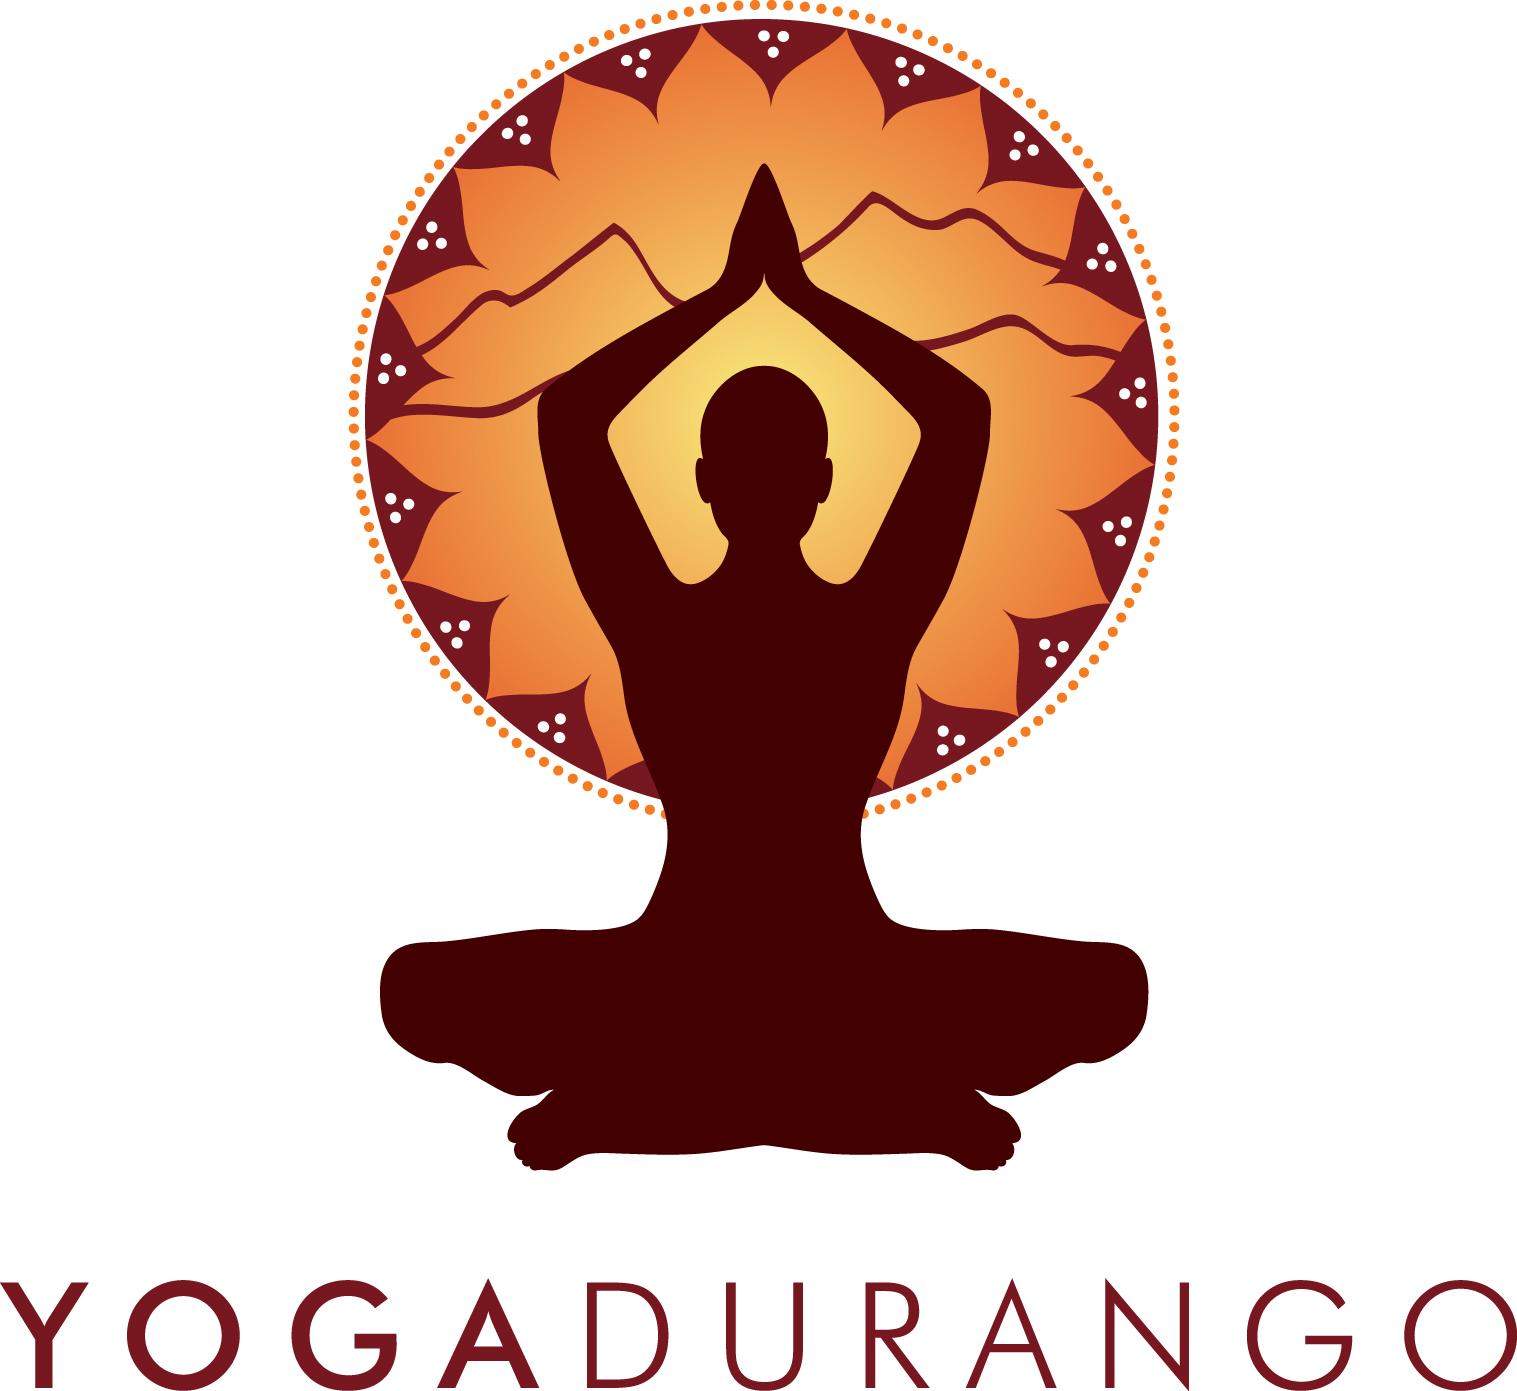 Yogadurango 10 Year Anniversary Celebration